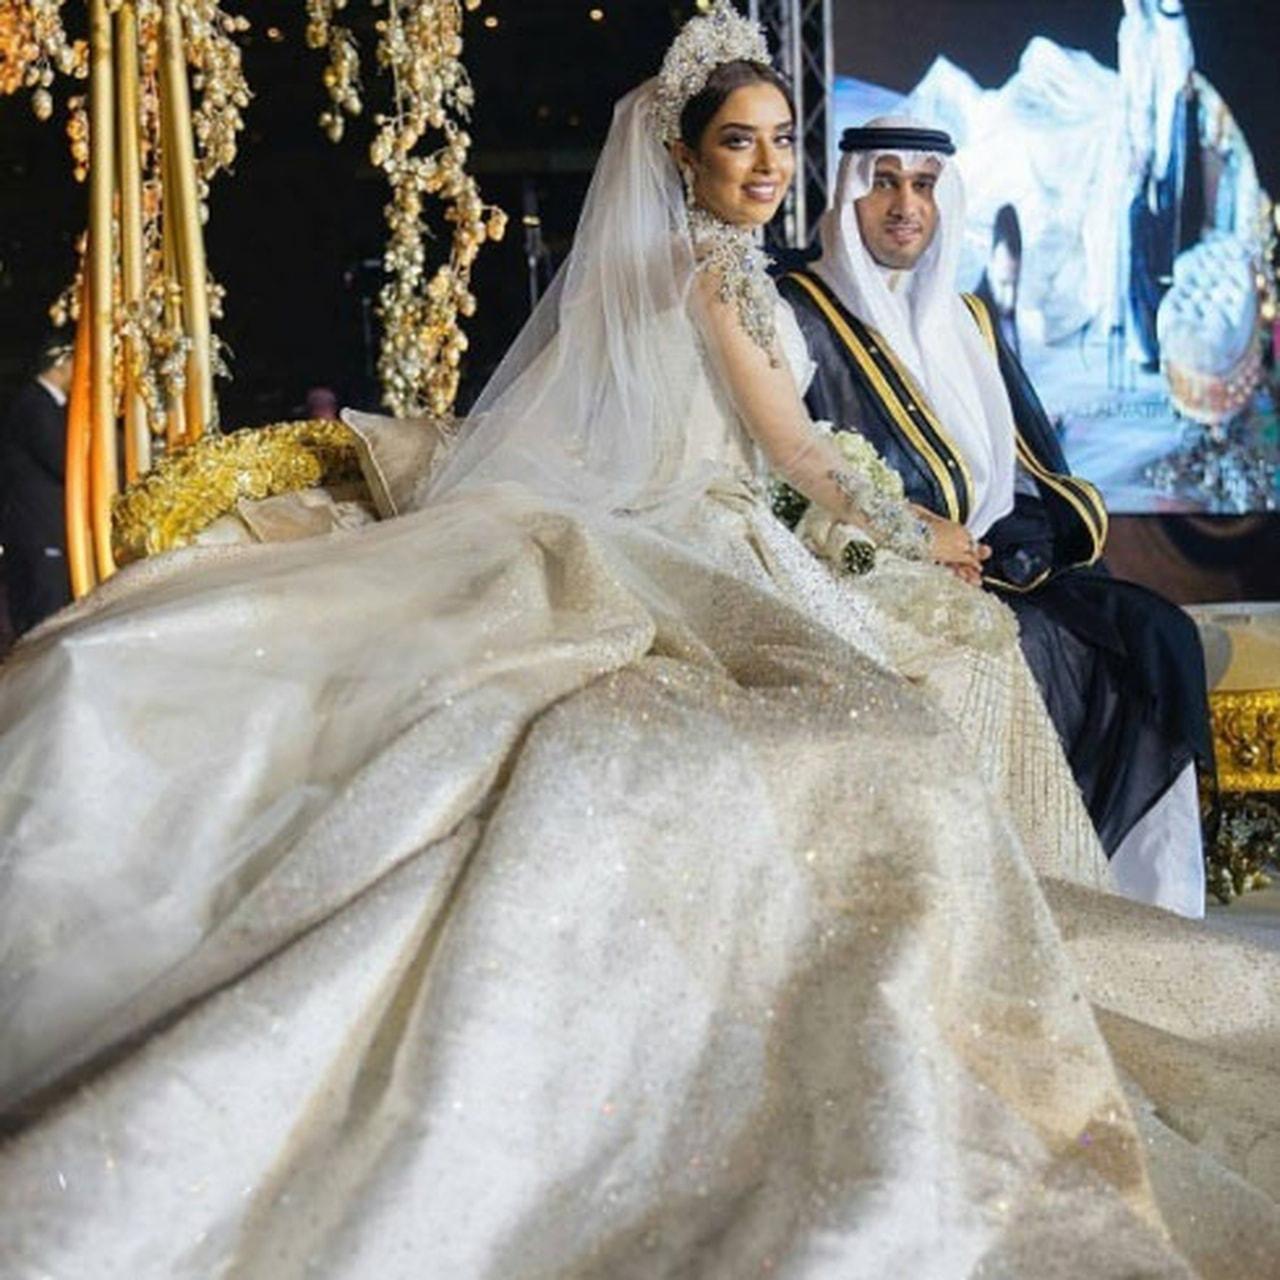 بالصور فساتين زفاف فخمه , اجمل فساتين الفرح للعروسة 1483 12